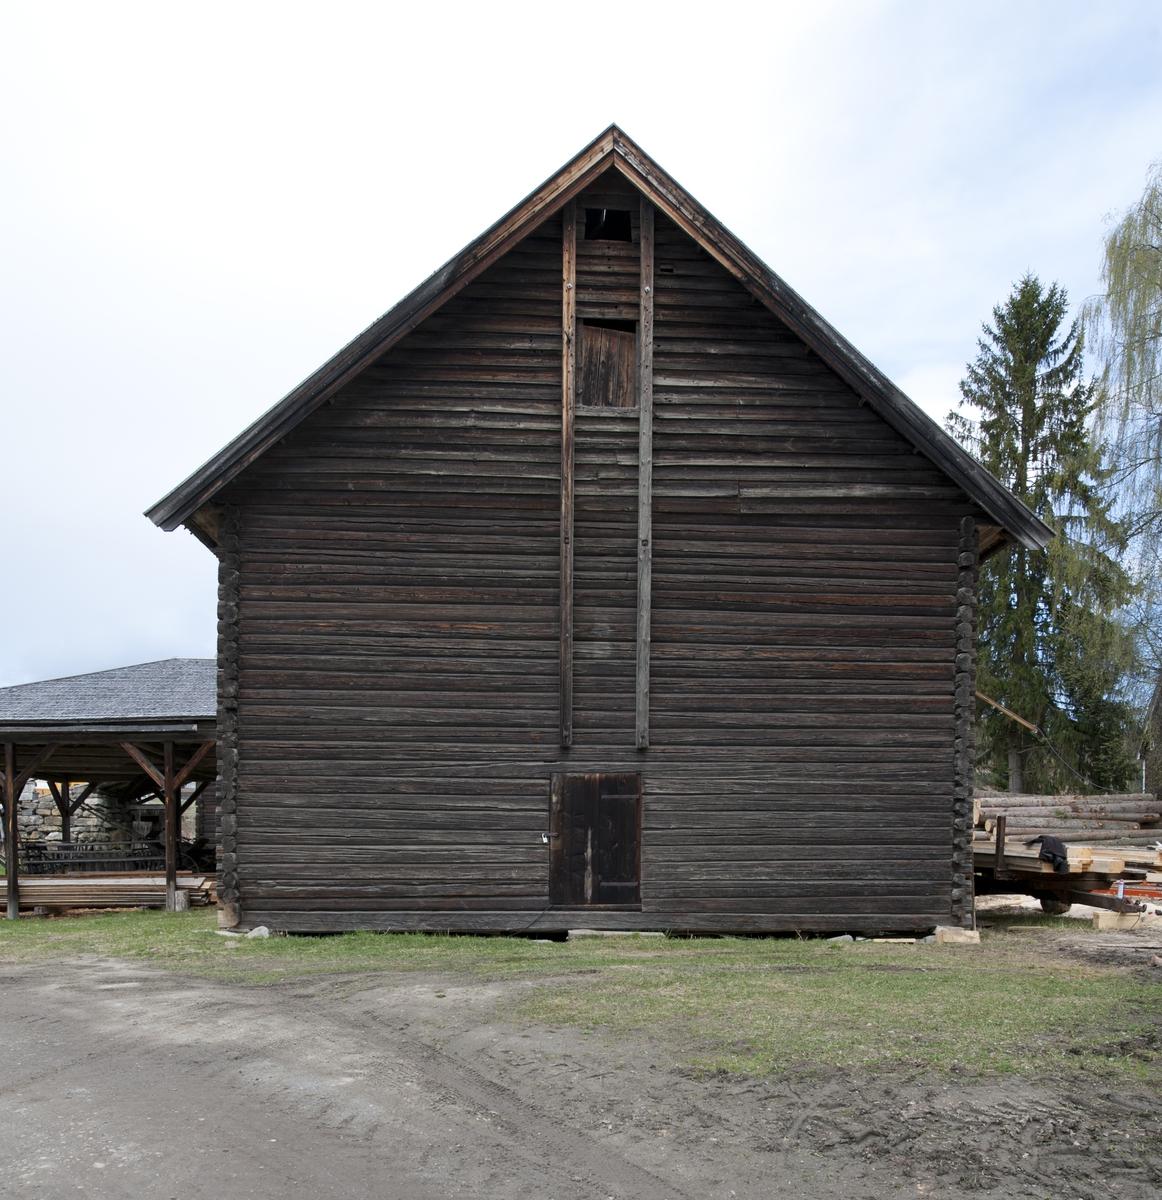 Låve med to fløyer i vinkel, laftet: Bygningen har saltak tekket med flis. Kjøringa går gjennom hele bygningen og har sin begynnelse over stallen i nord. Dette er et tidlig eksempel på en enhetslåve der mange funksjoner er samlet under et tak. Stallen har innredning for fem hester med krybbe og foringsgang. På langsiden inn mot tunet er det oppført et hus for hestevandring. Det har pyramideformet tak som hviler på stolper.